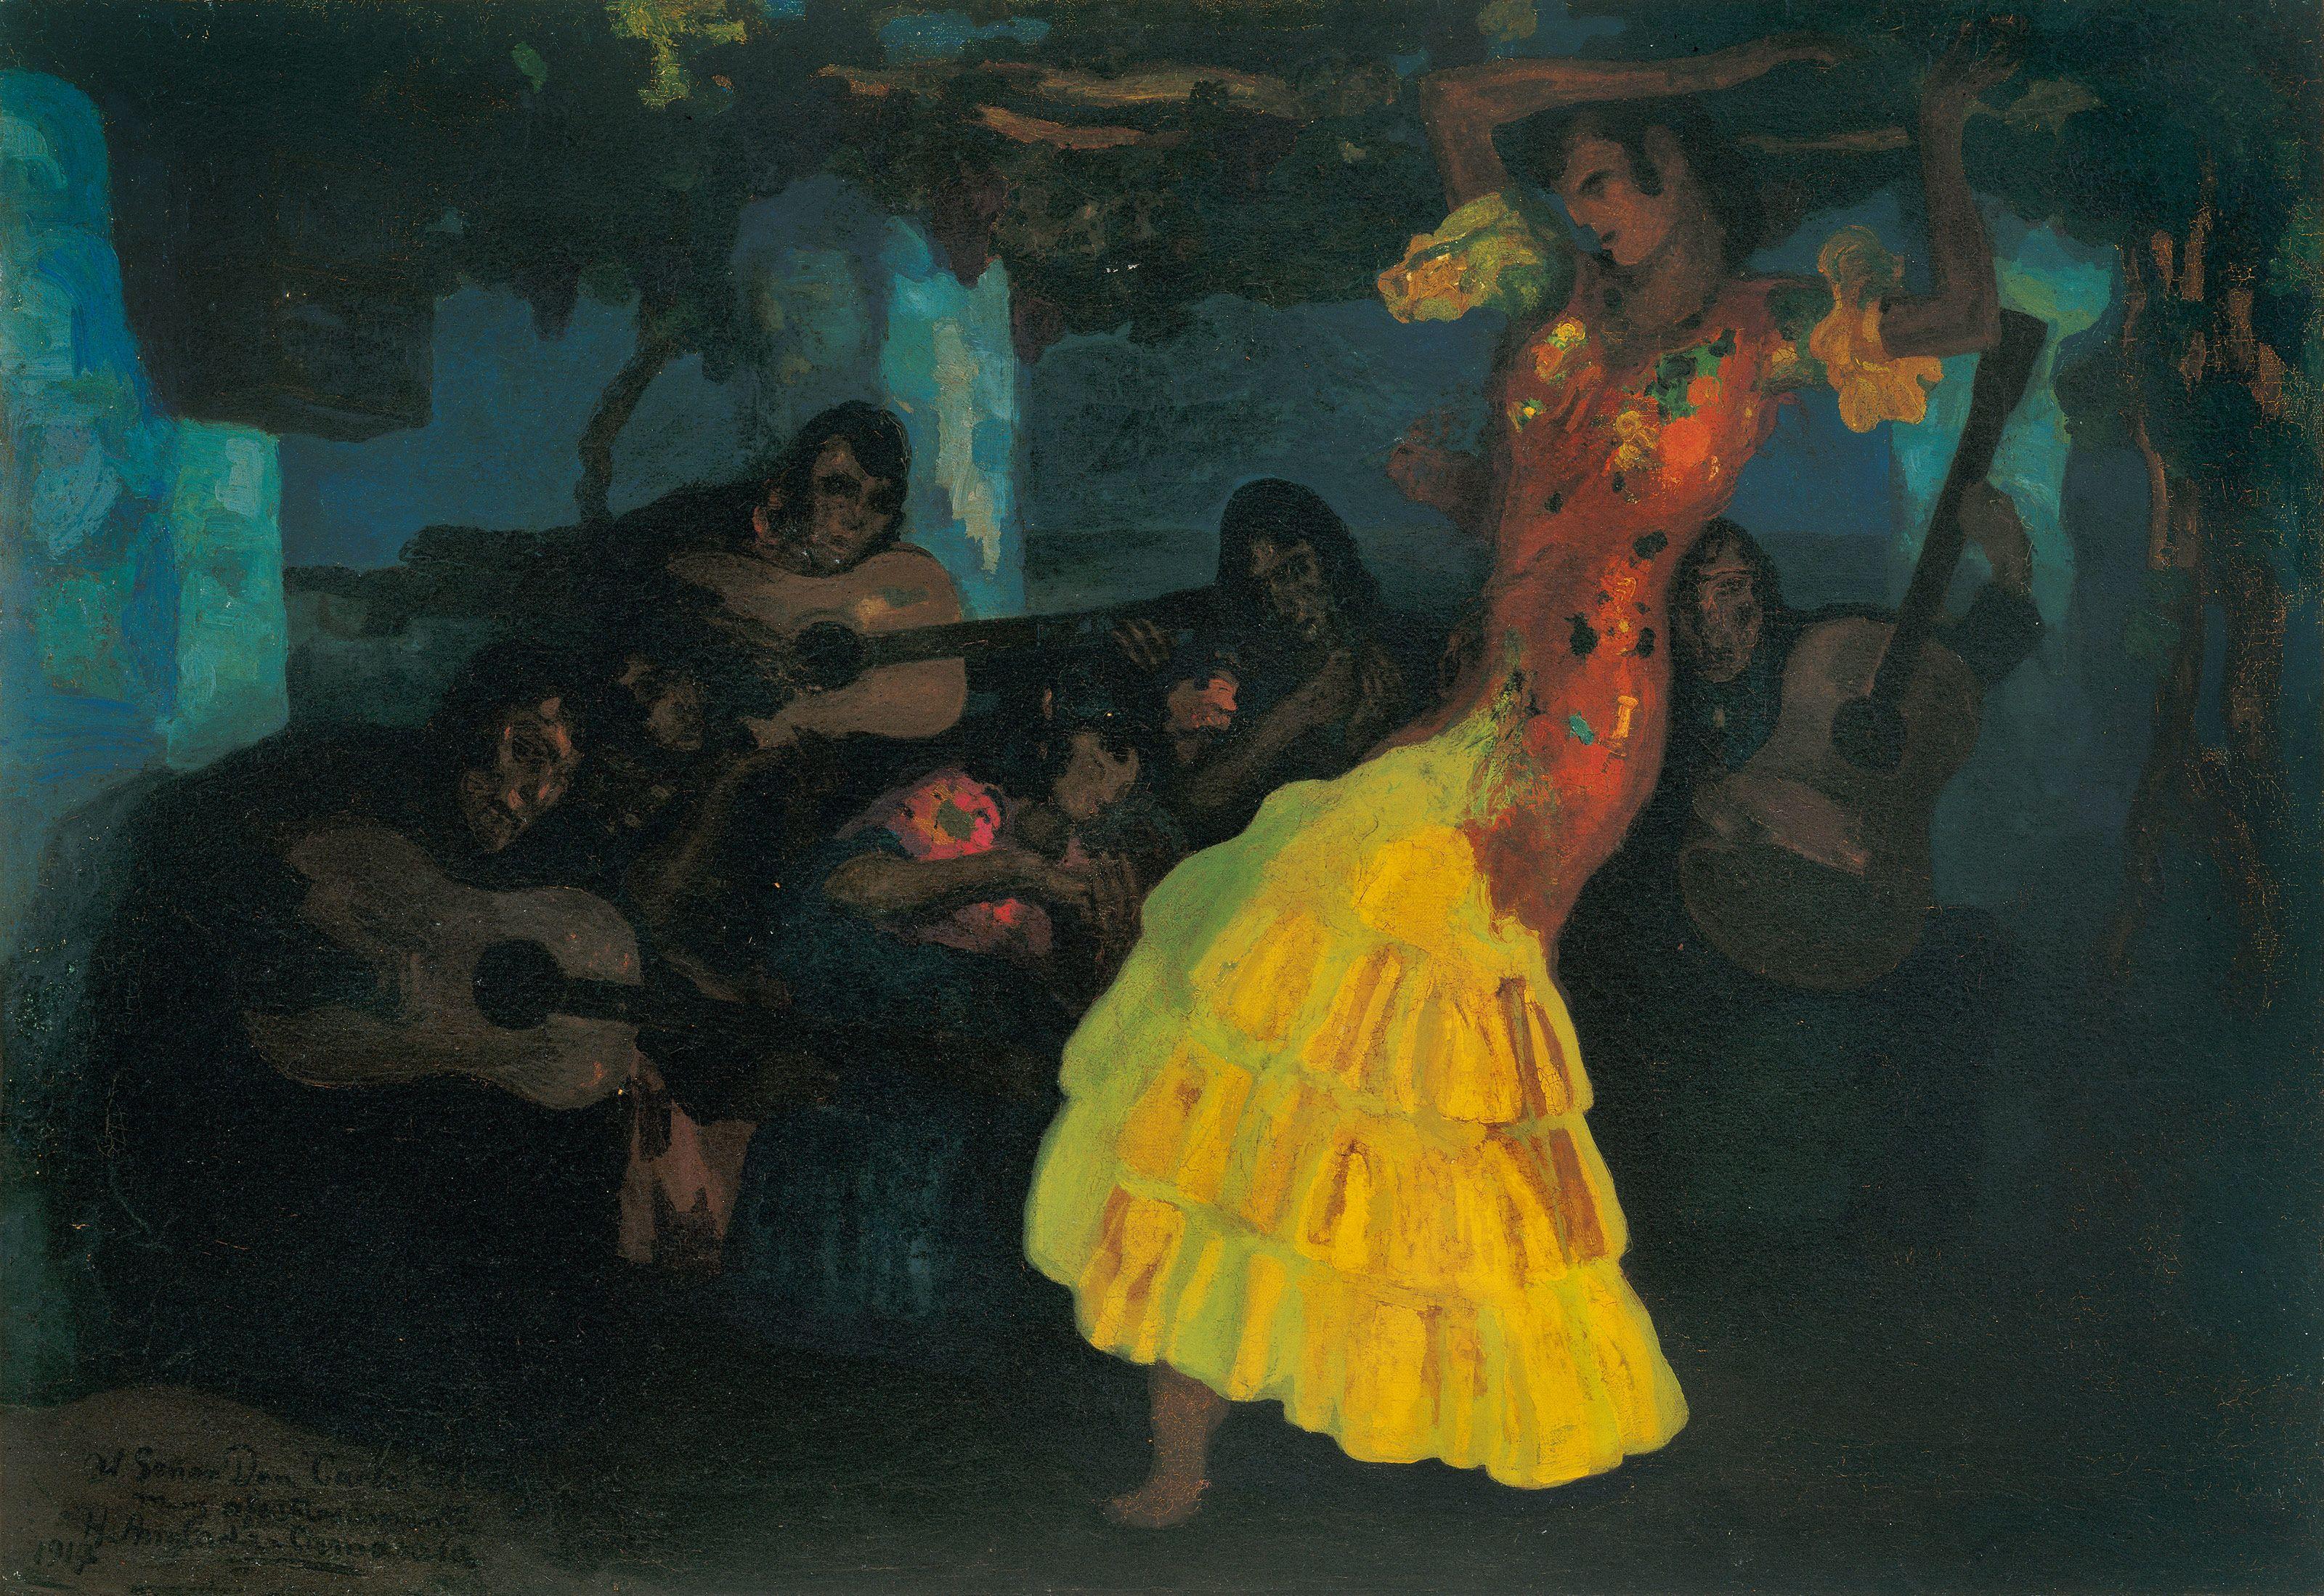 Hermen Anglada i Camarasa. Baile gitano, c. 1914-1921. Colección Carmen Thyssen-Bornemisza en préstamo gratuito al Museo Carmen Thyssen Málaga